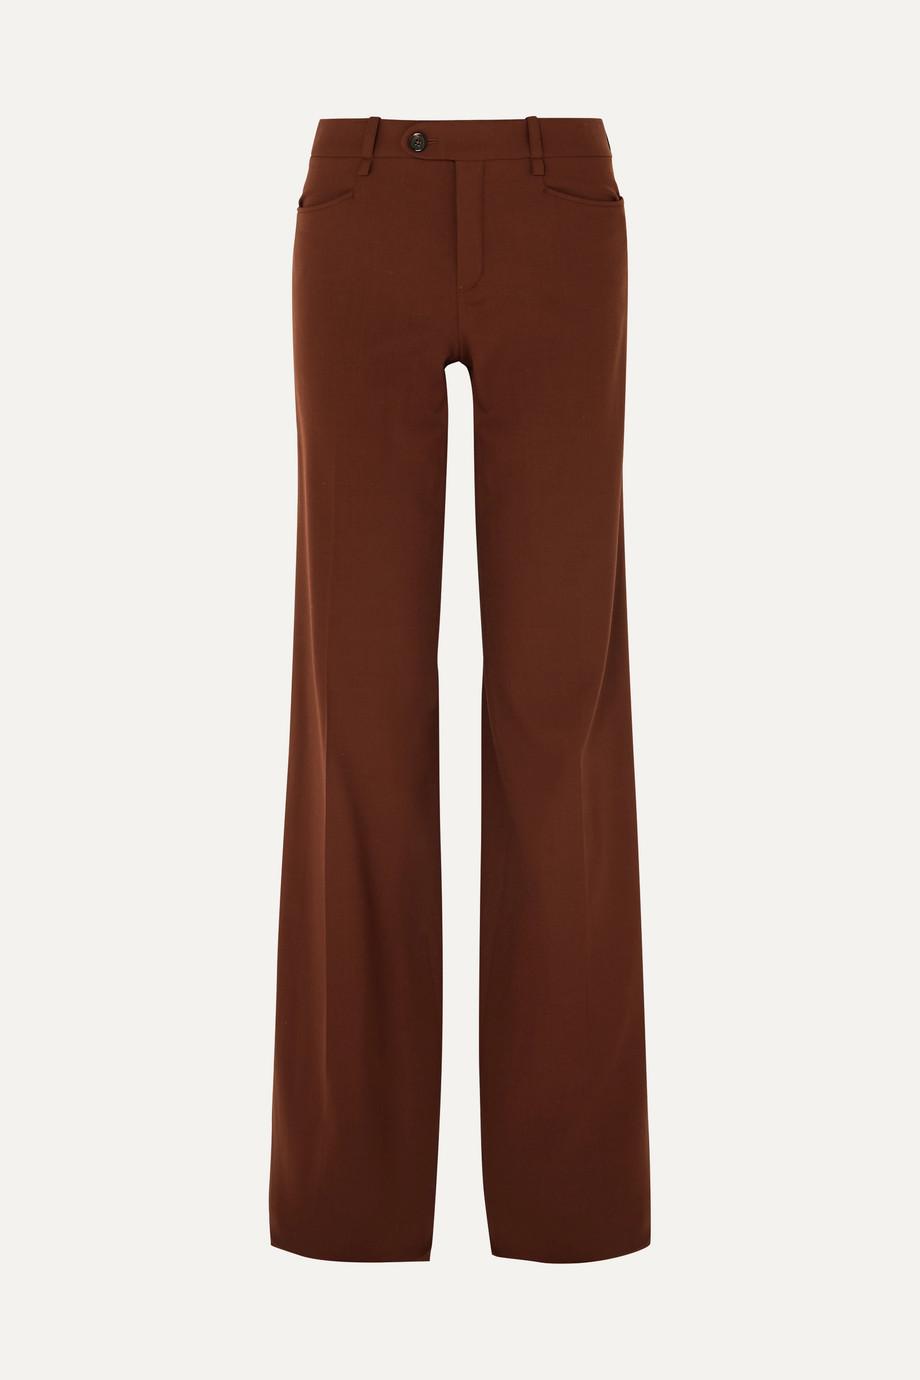 Chloé Wool-blend wide-leg pants